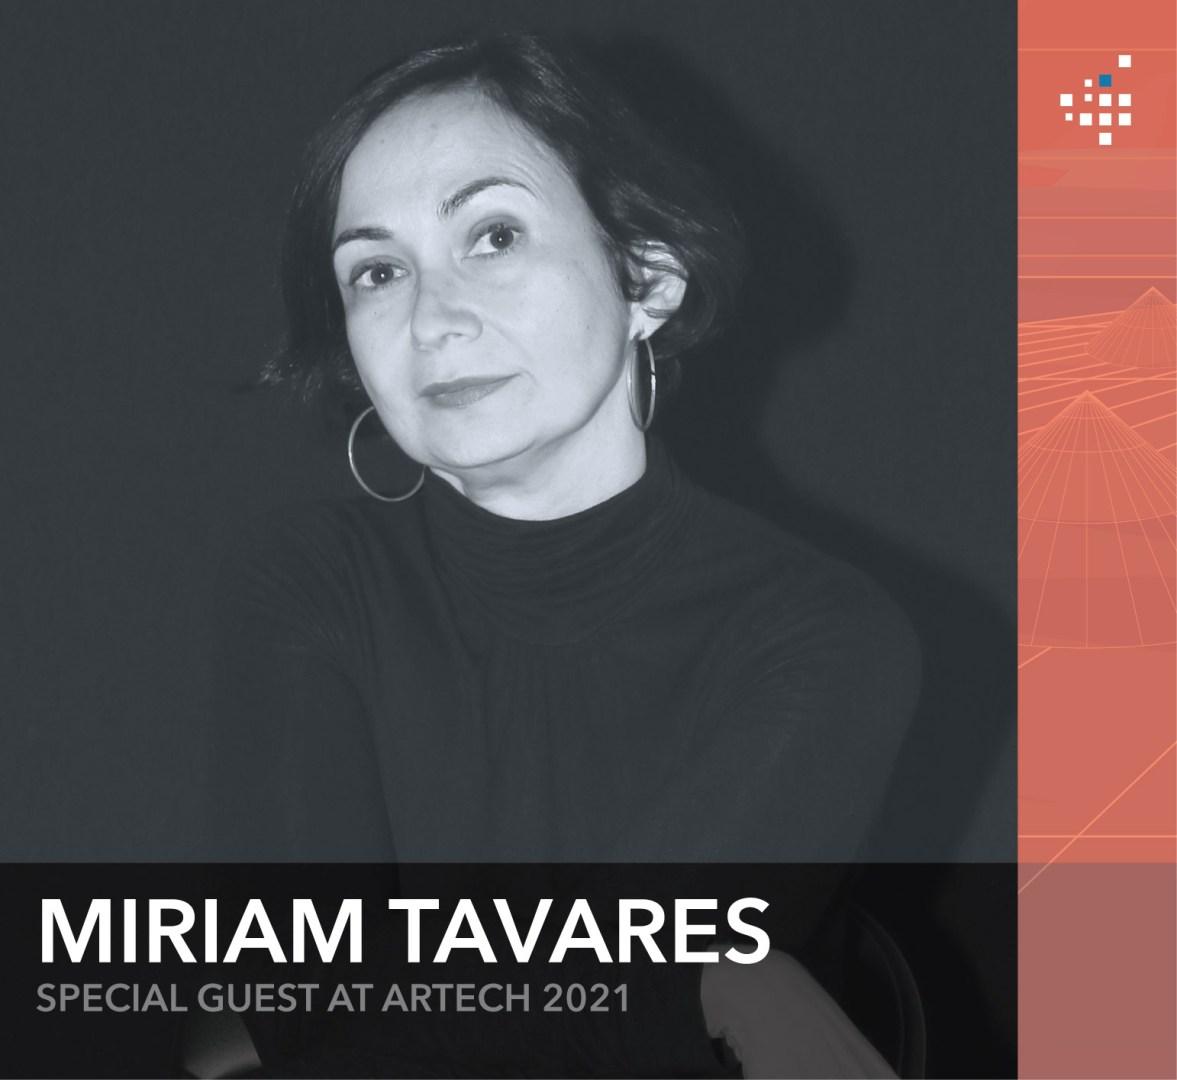 Miriam Tavares